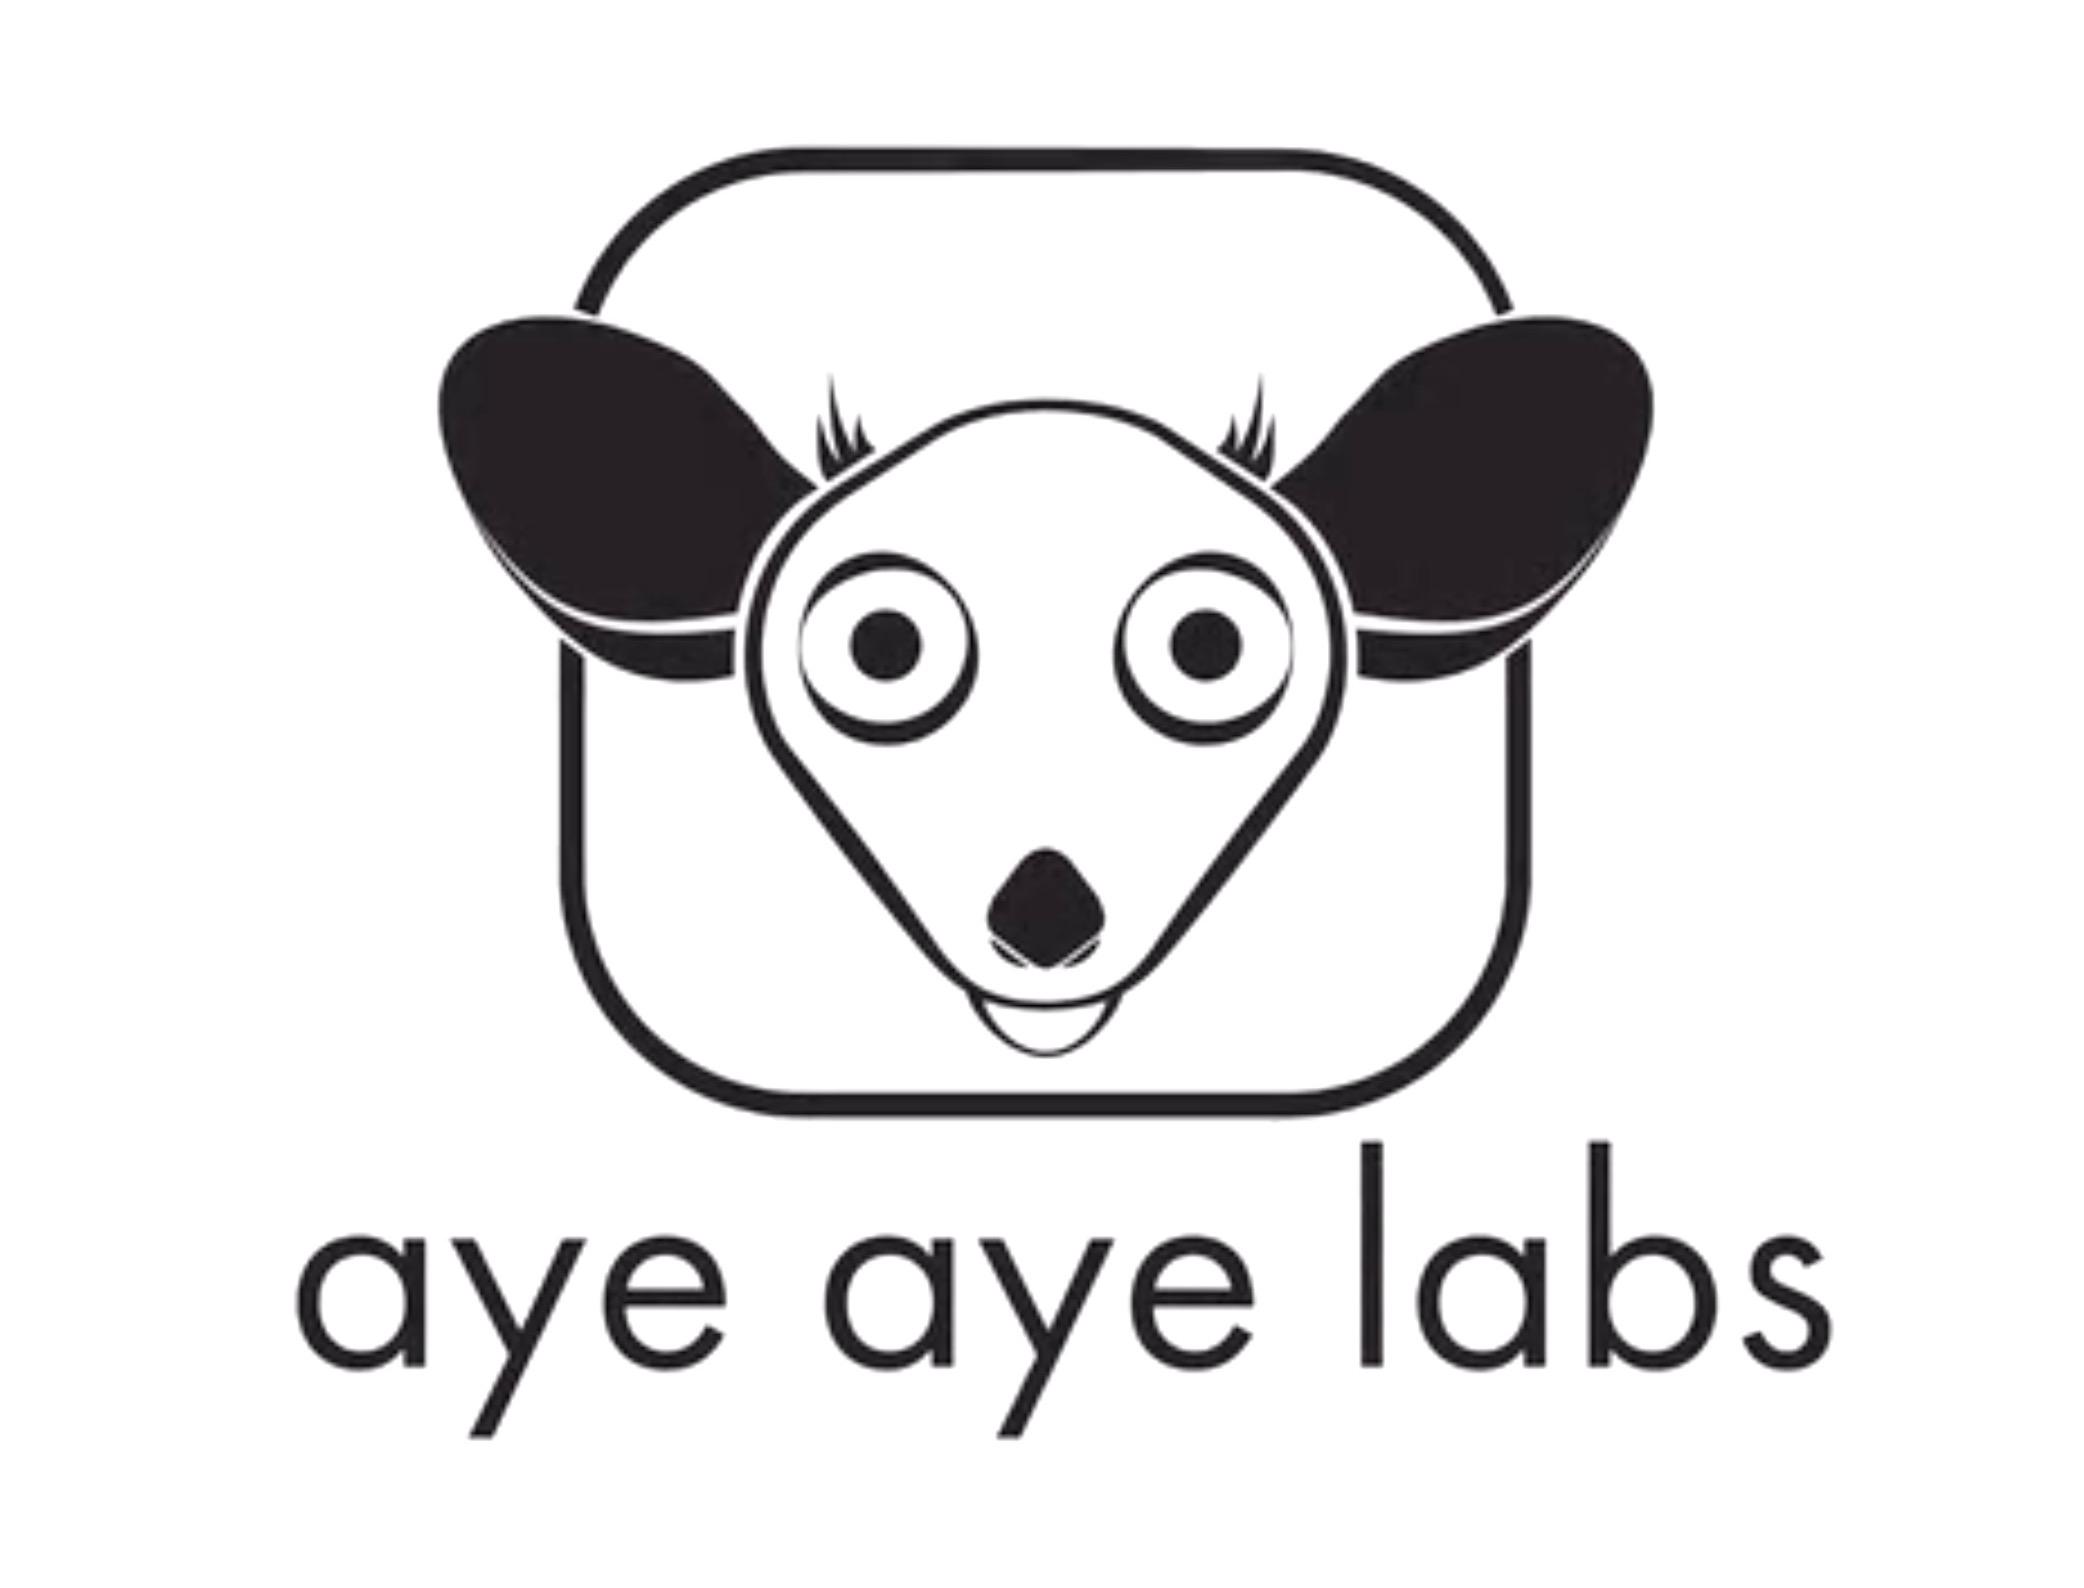 aye aye labs logo